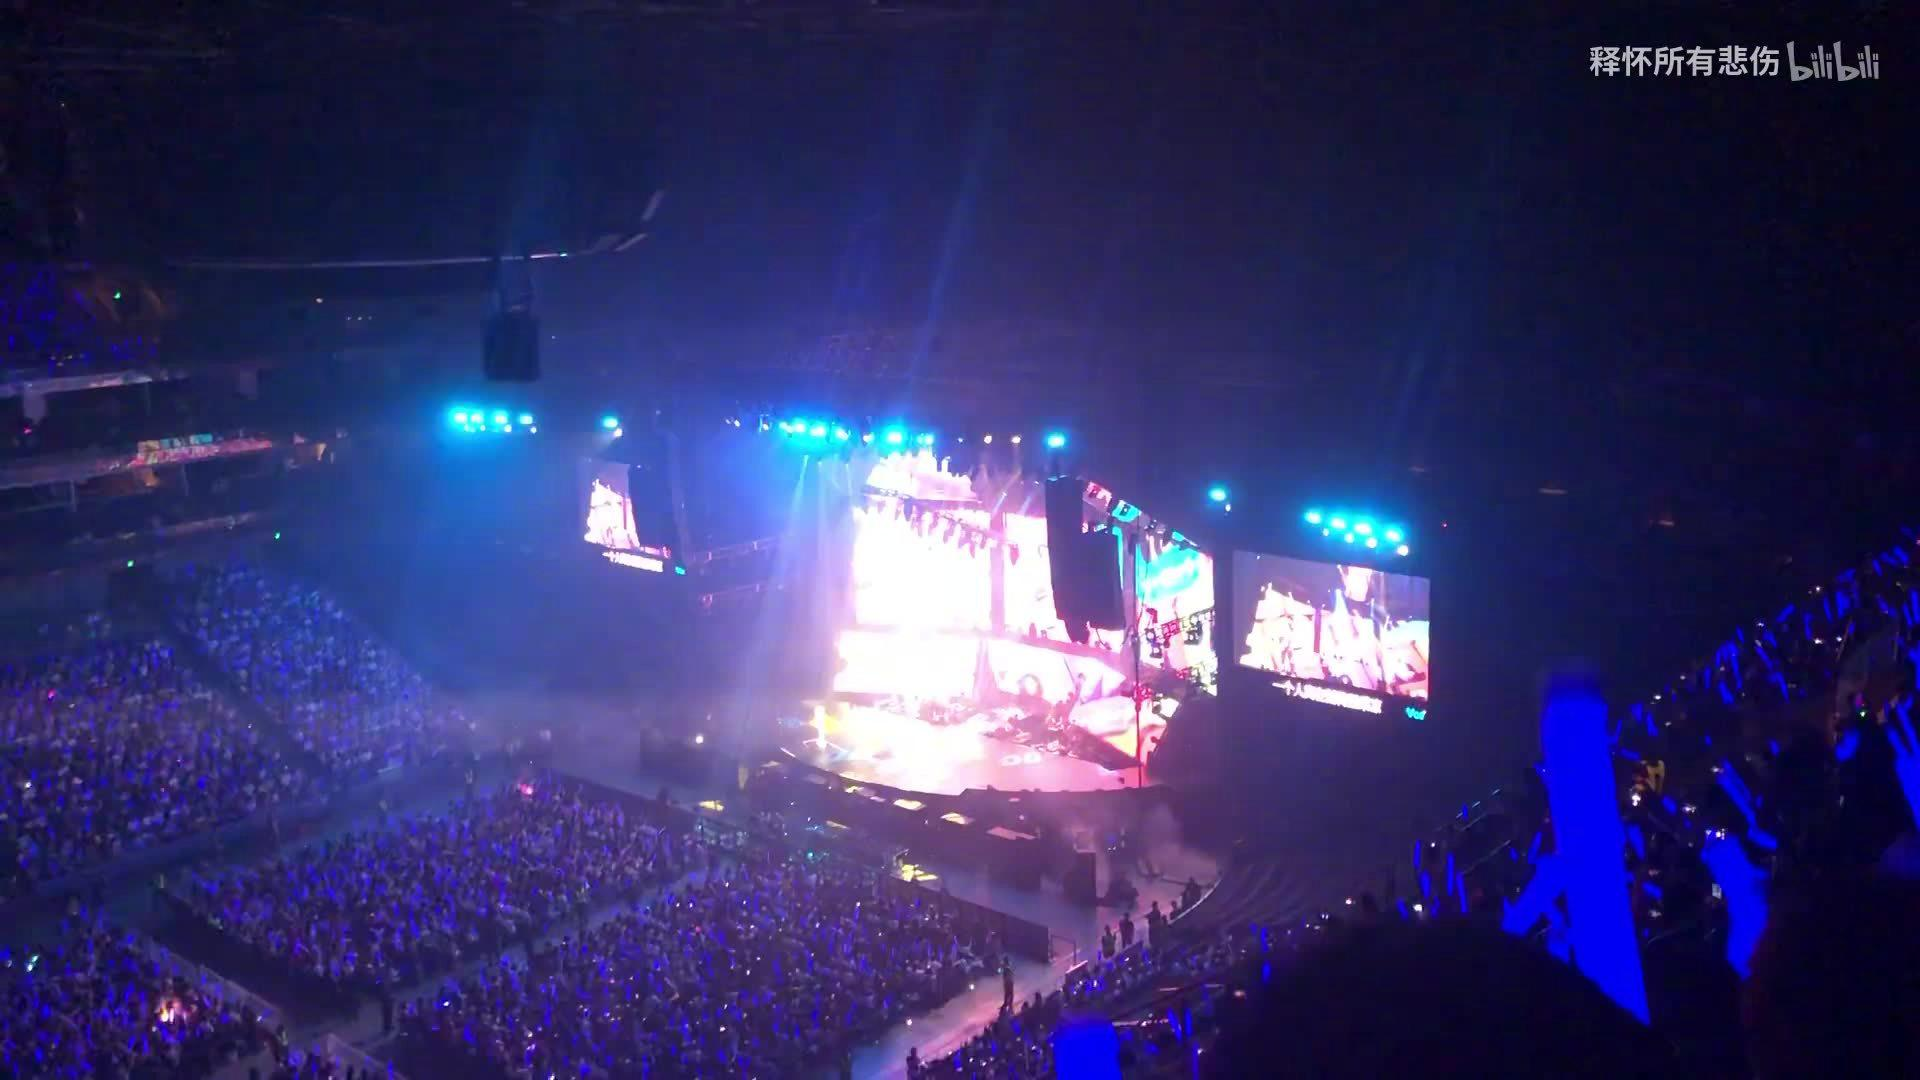 许嵩2019演唱会上海站《素颜》完整版